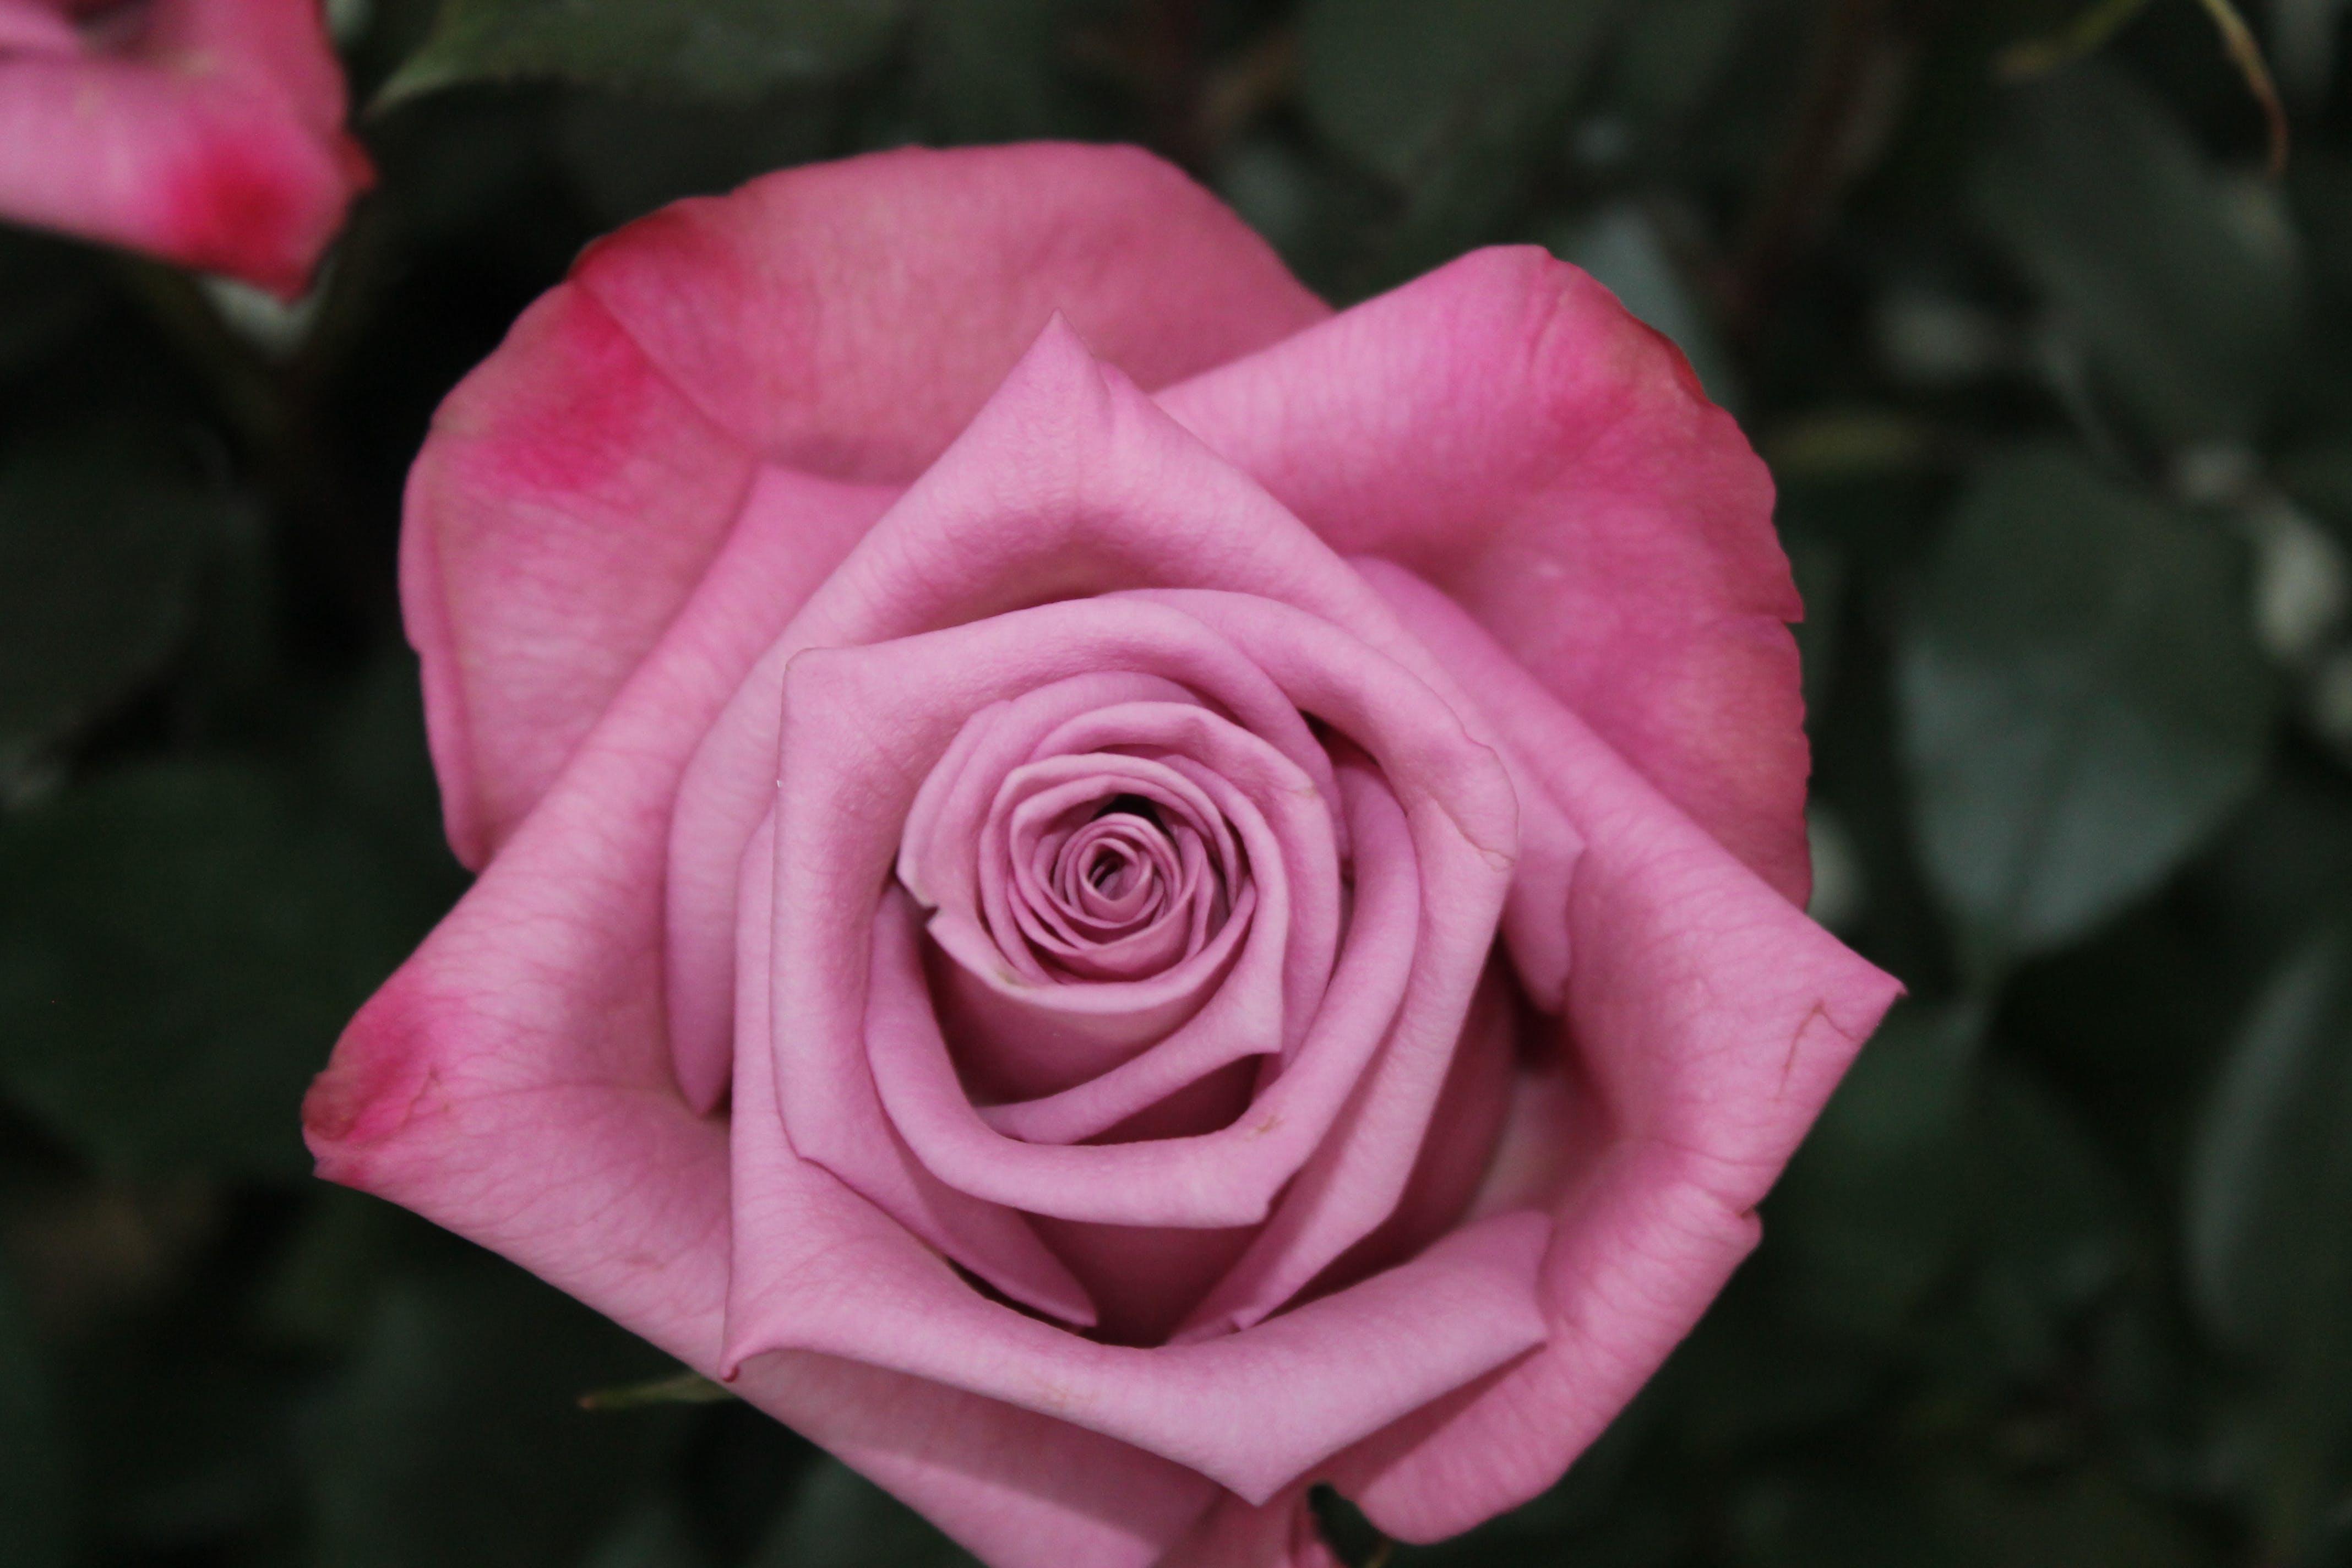 꽃이 피는, 식물군의 무료 스톡 사진